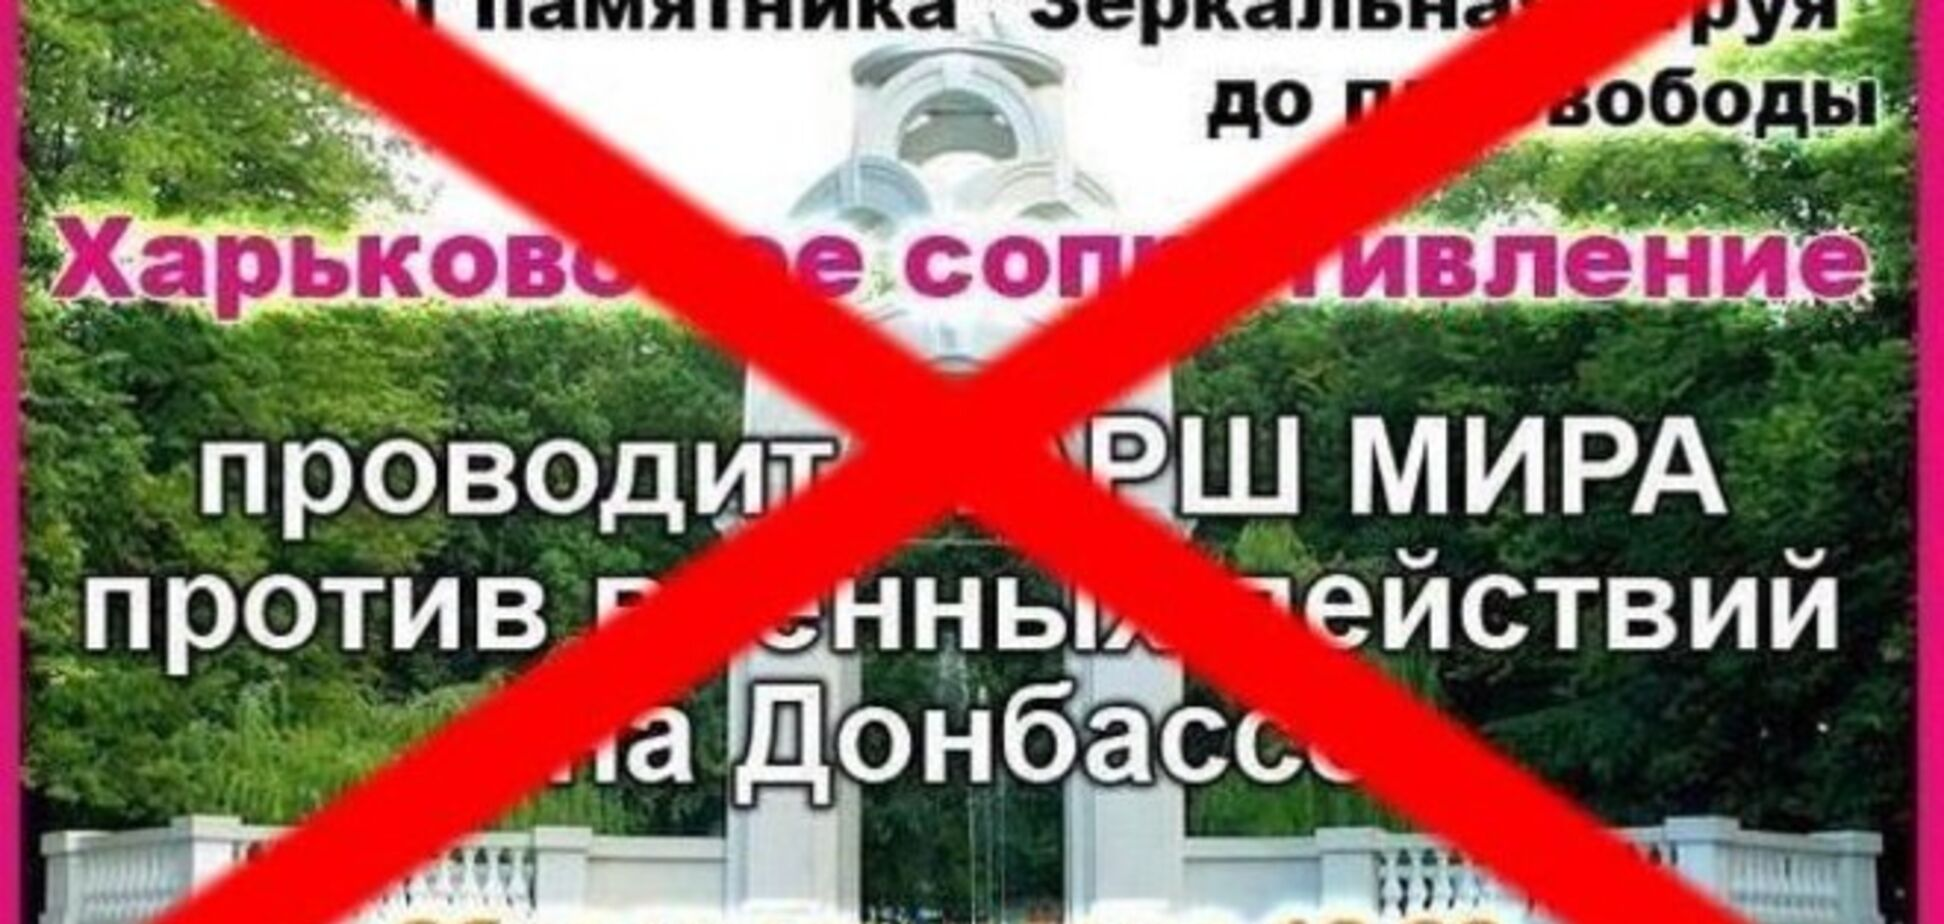 В Харькове на запрещенном 'Марше мира' задержали 23 сепаратиста